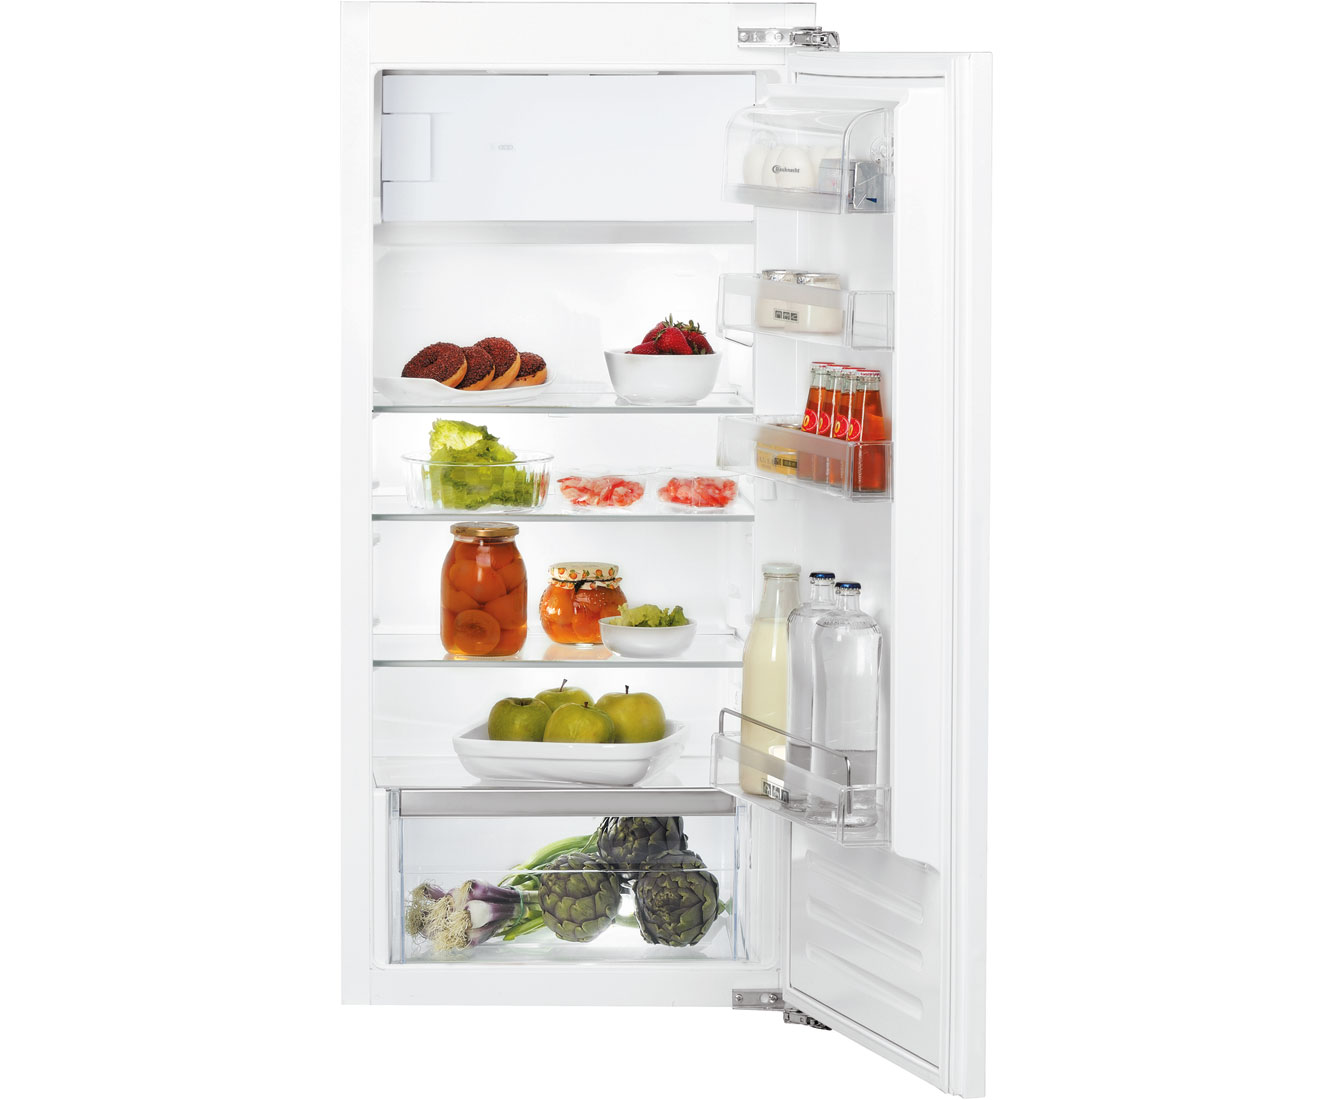 Aeg Kühlschrank 158 Cm : Einbaukühlschränke gefrierfach a preisvergleich u2022 die besten